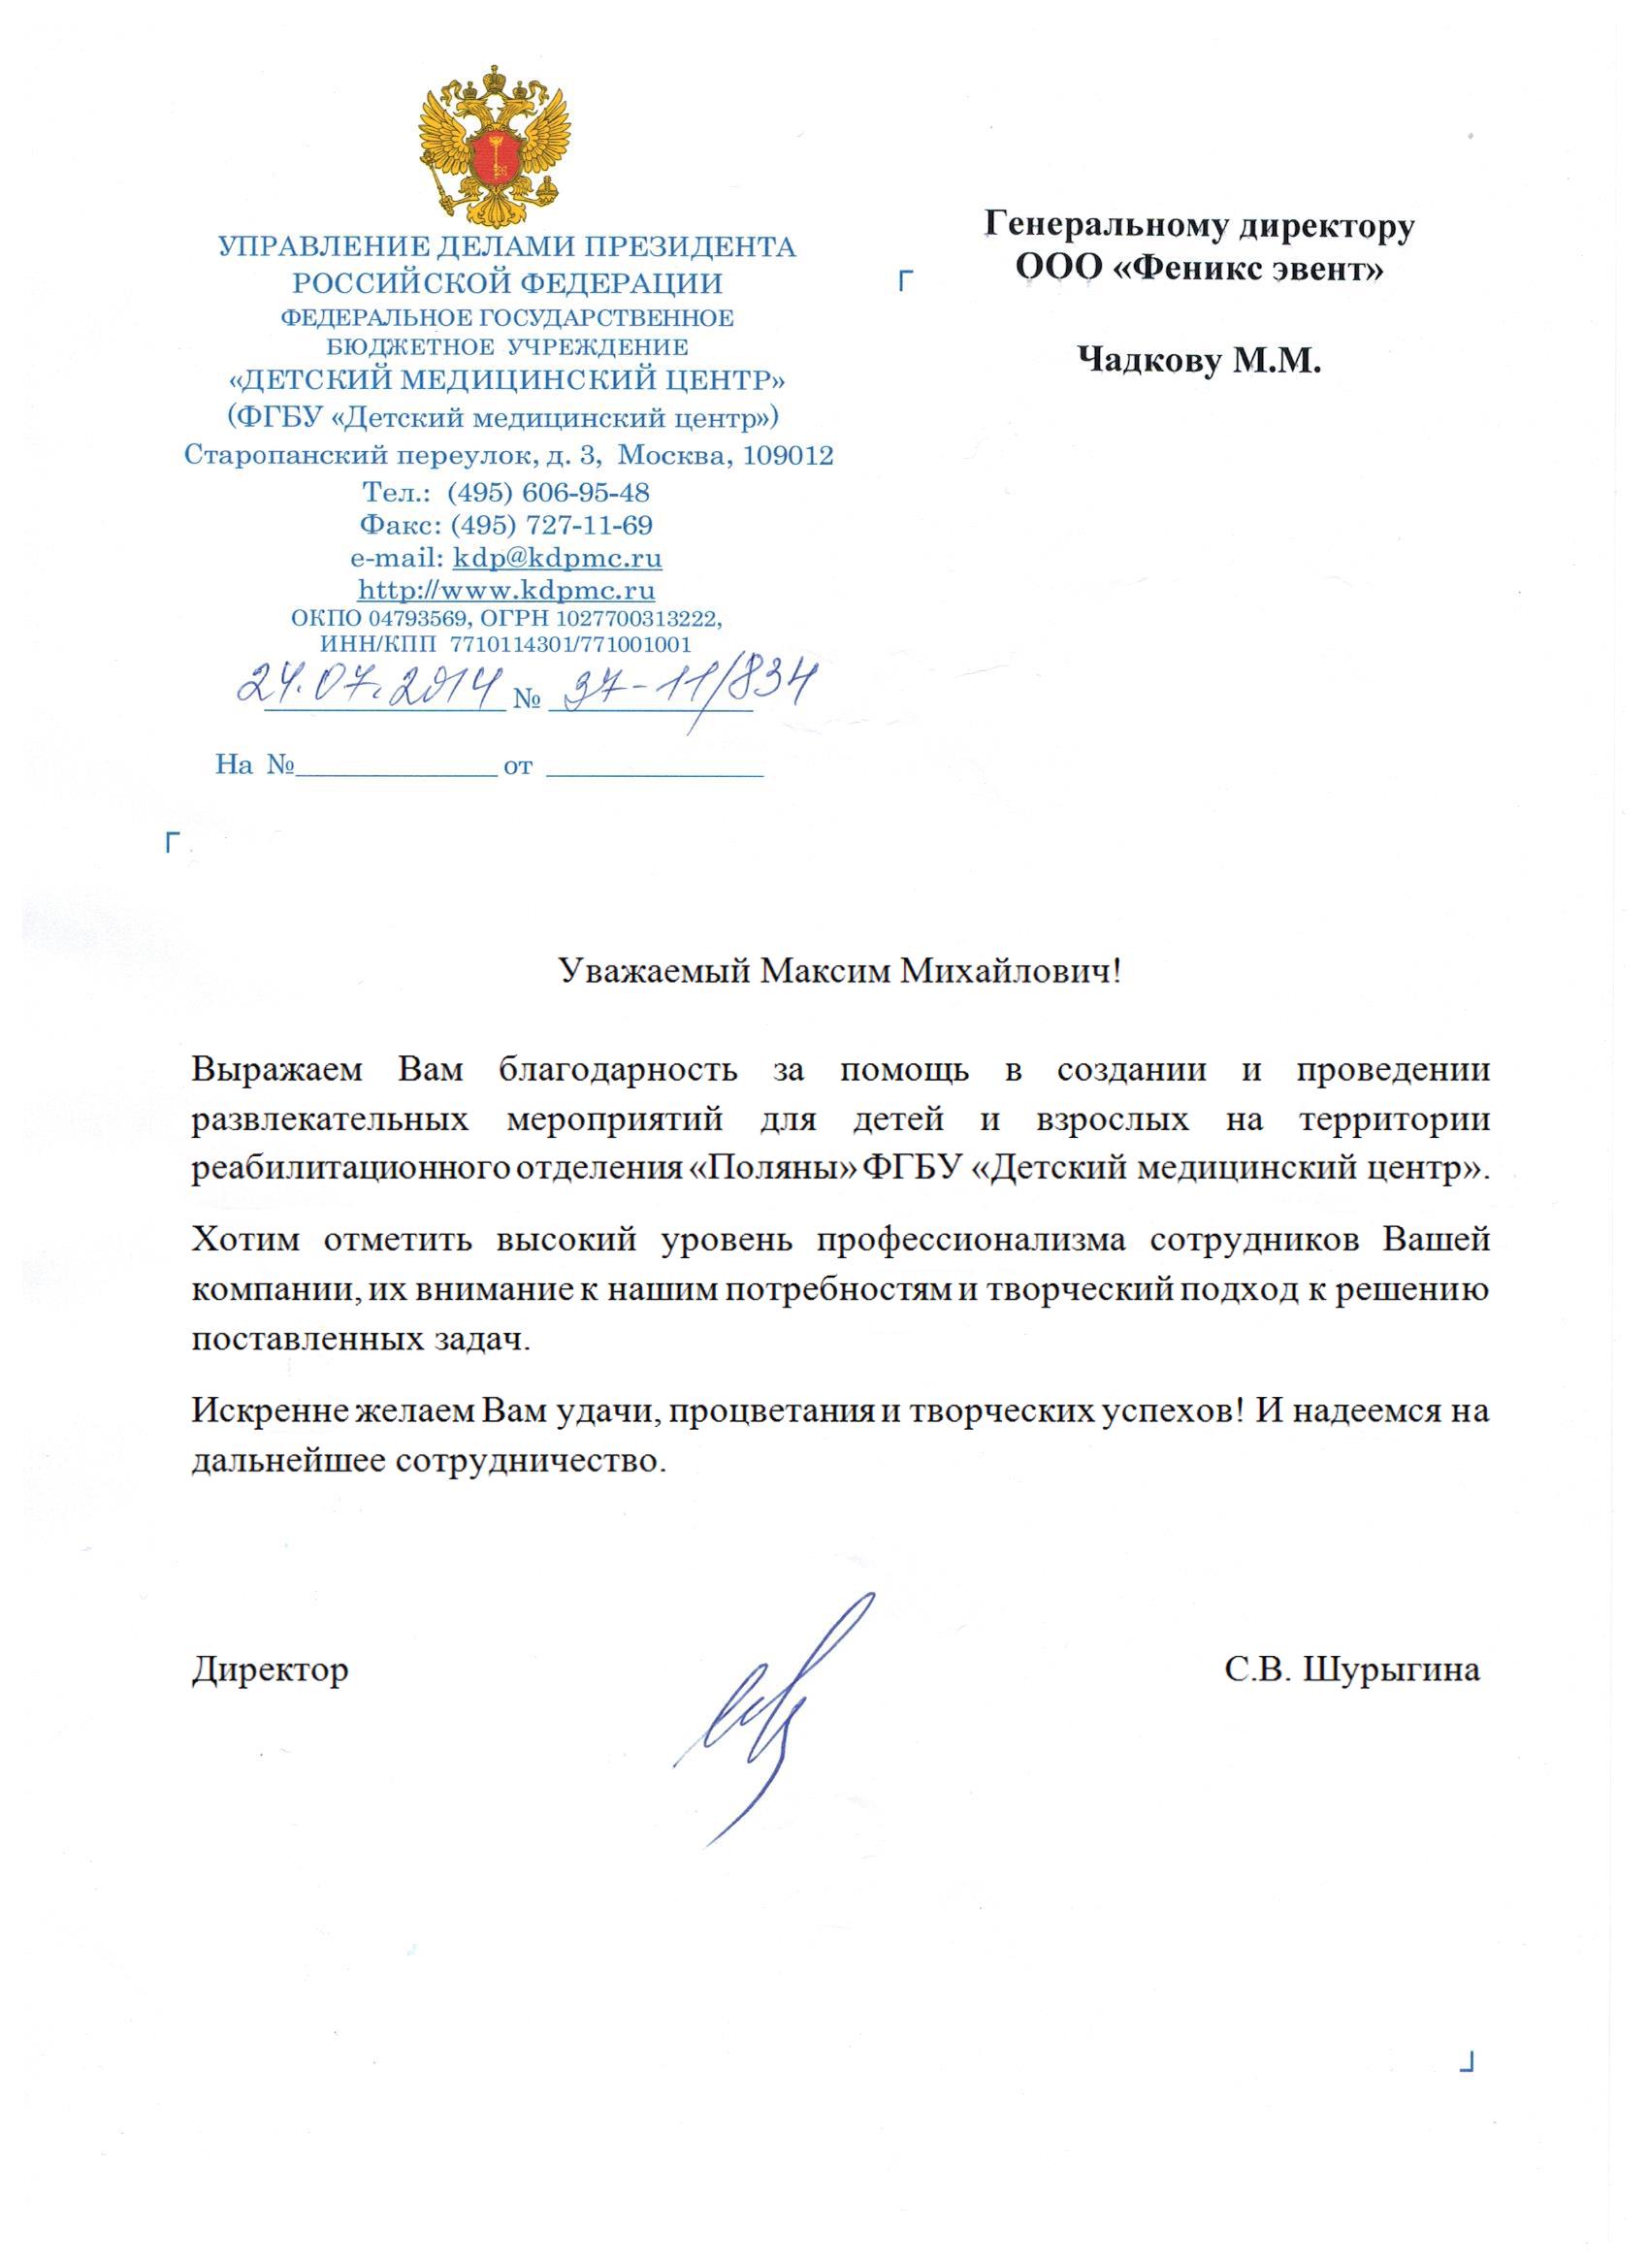 Отзыв ФГБУ Детский медицинский центр